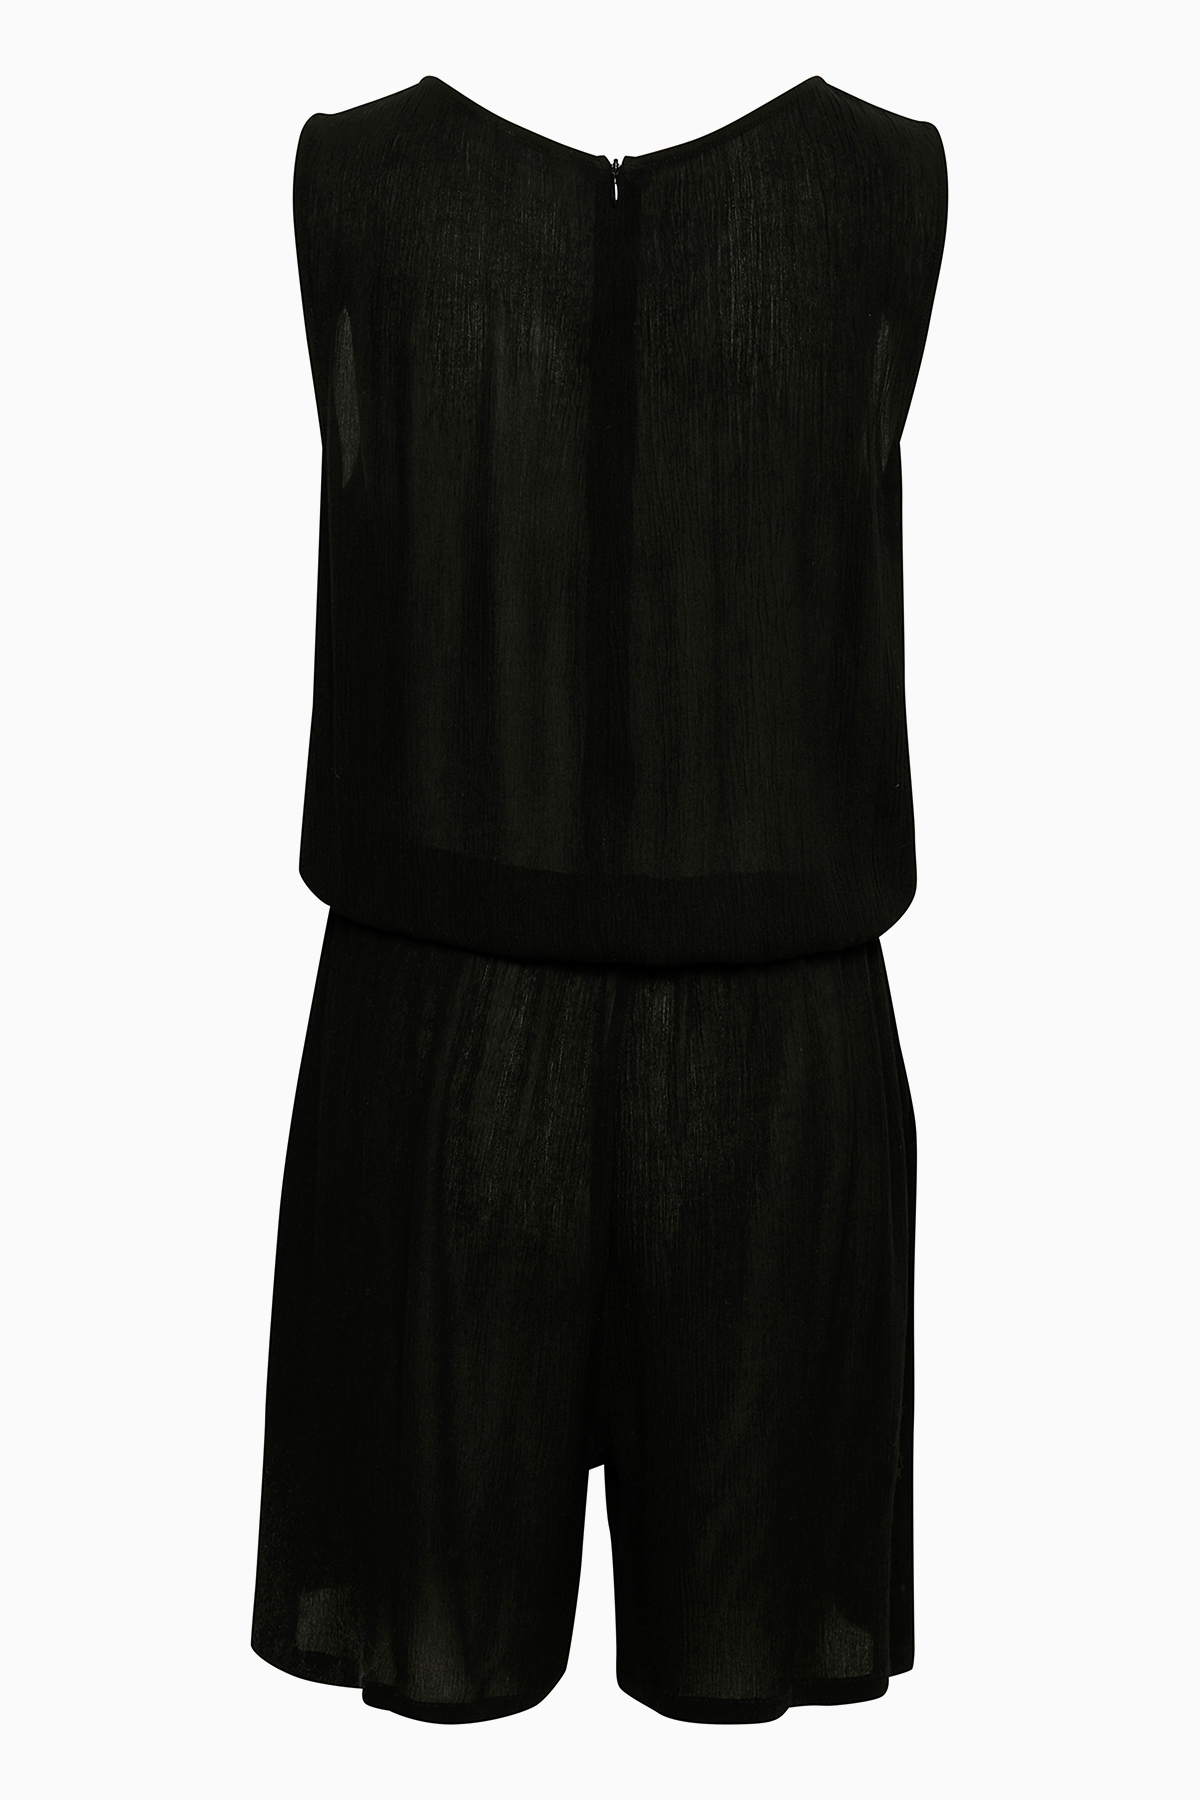 Svart Shorts från Bon'A Parte – Köp Svart Shorts från stl. S-2XL här